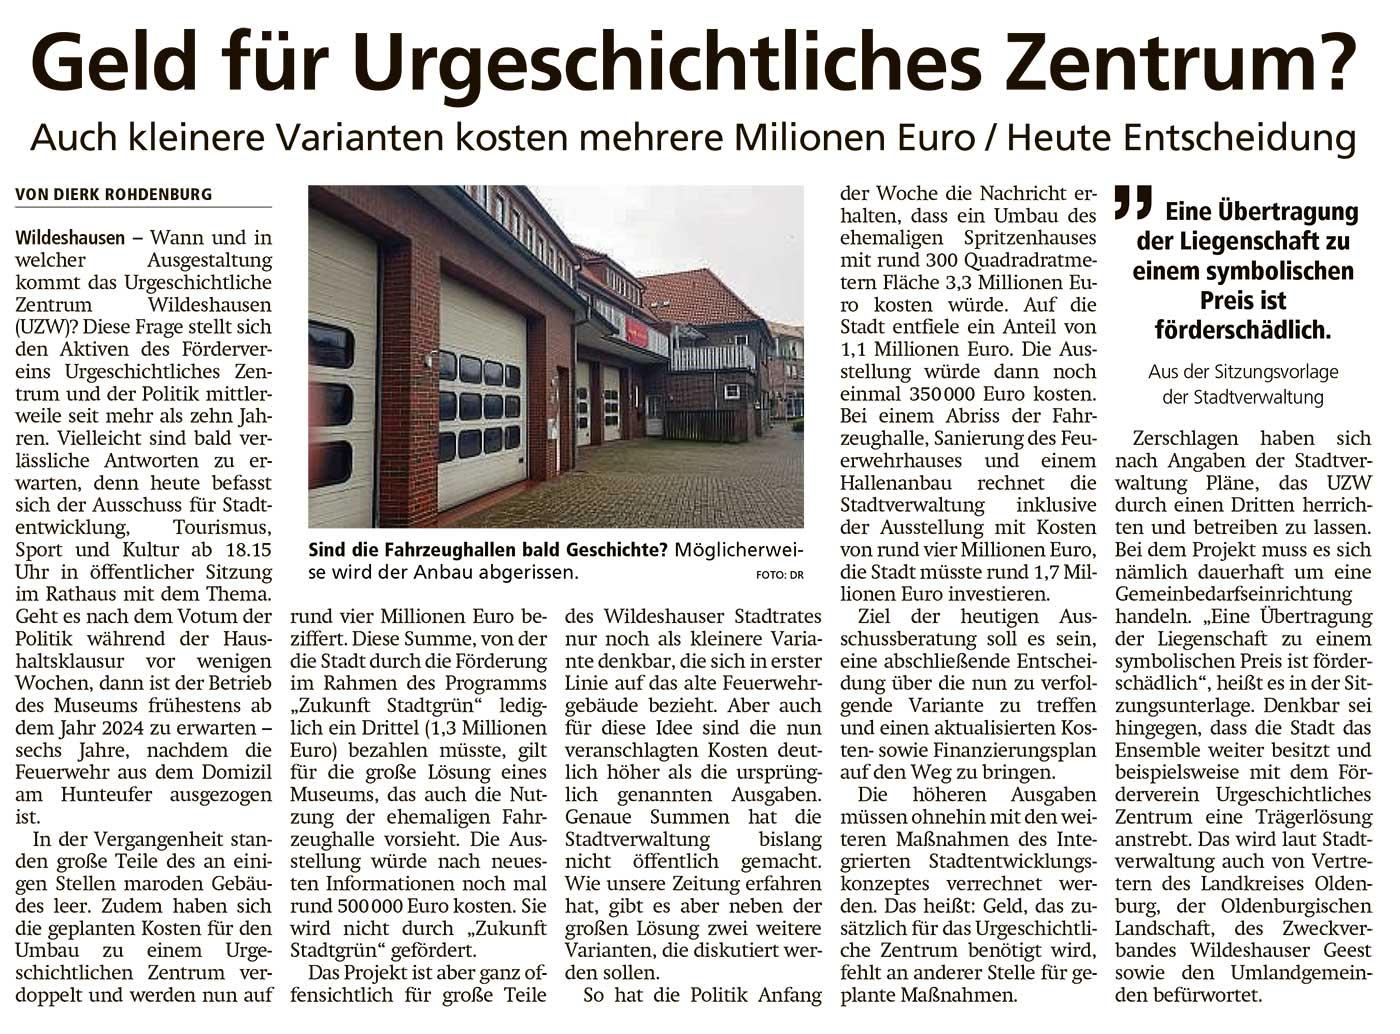 Geld für Urgeschichtliches Zentrum?Auch kleinere Variante kosten mehrere Millionen Euro / Heute EntscheidungArtikel vom 19.11.2020 (WZ)